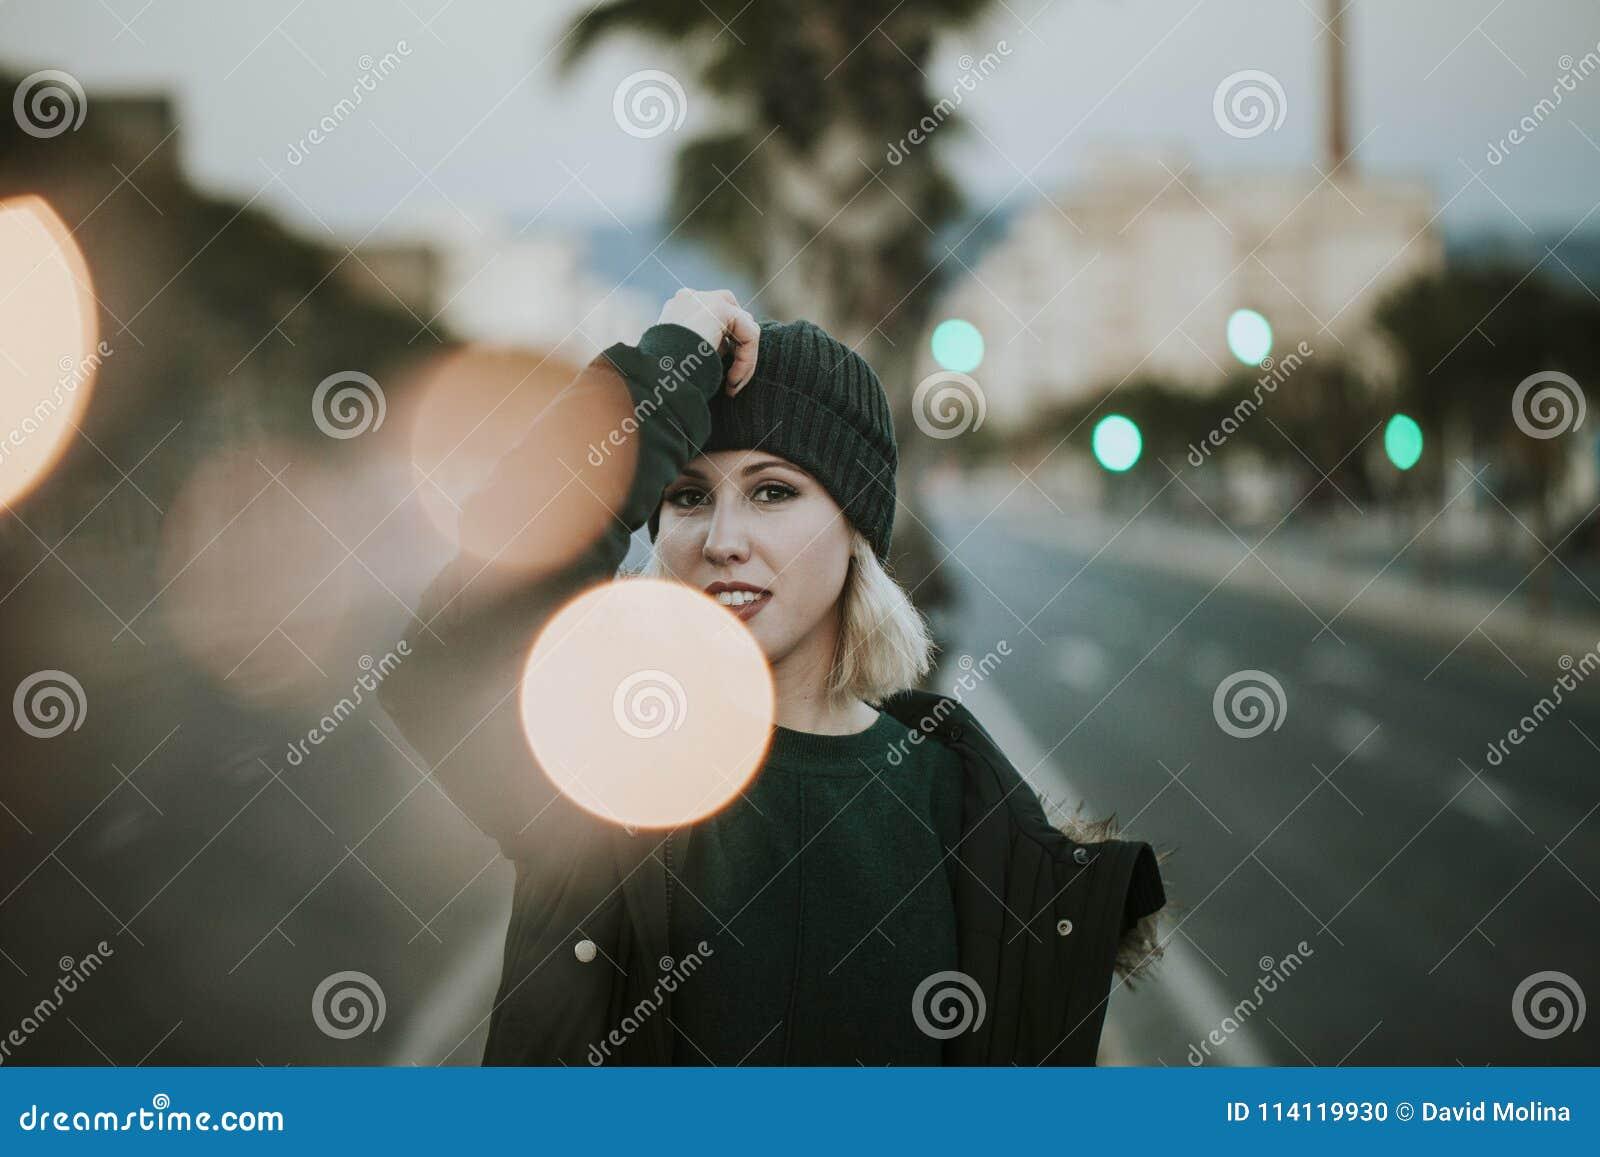 Het stedelijke portret van blondevrouw met breit hoed in het midden van de straat met lichten